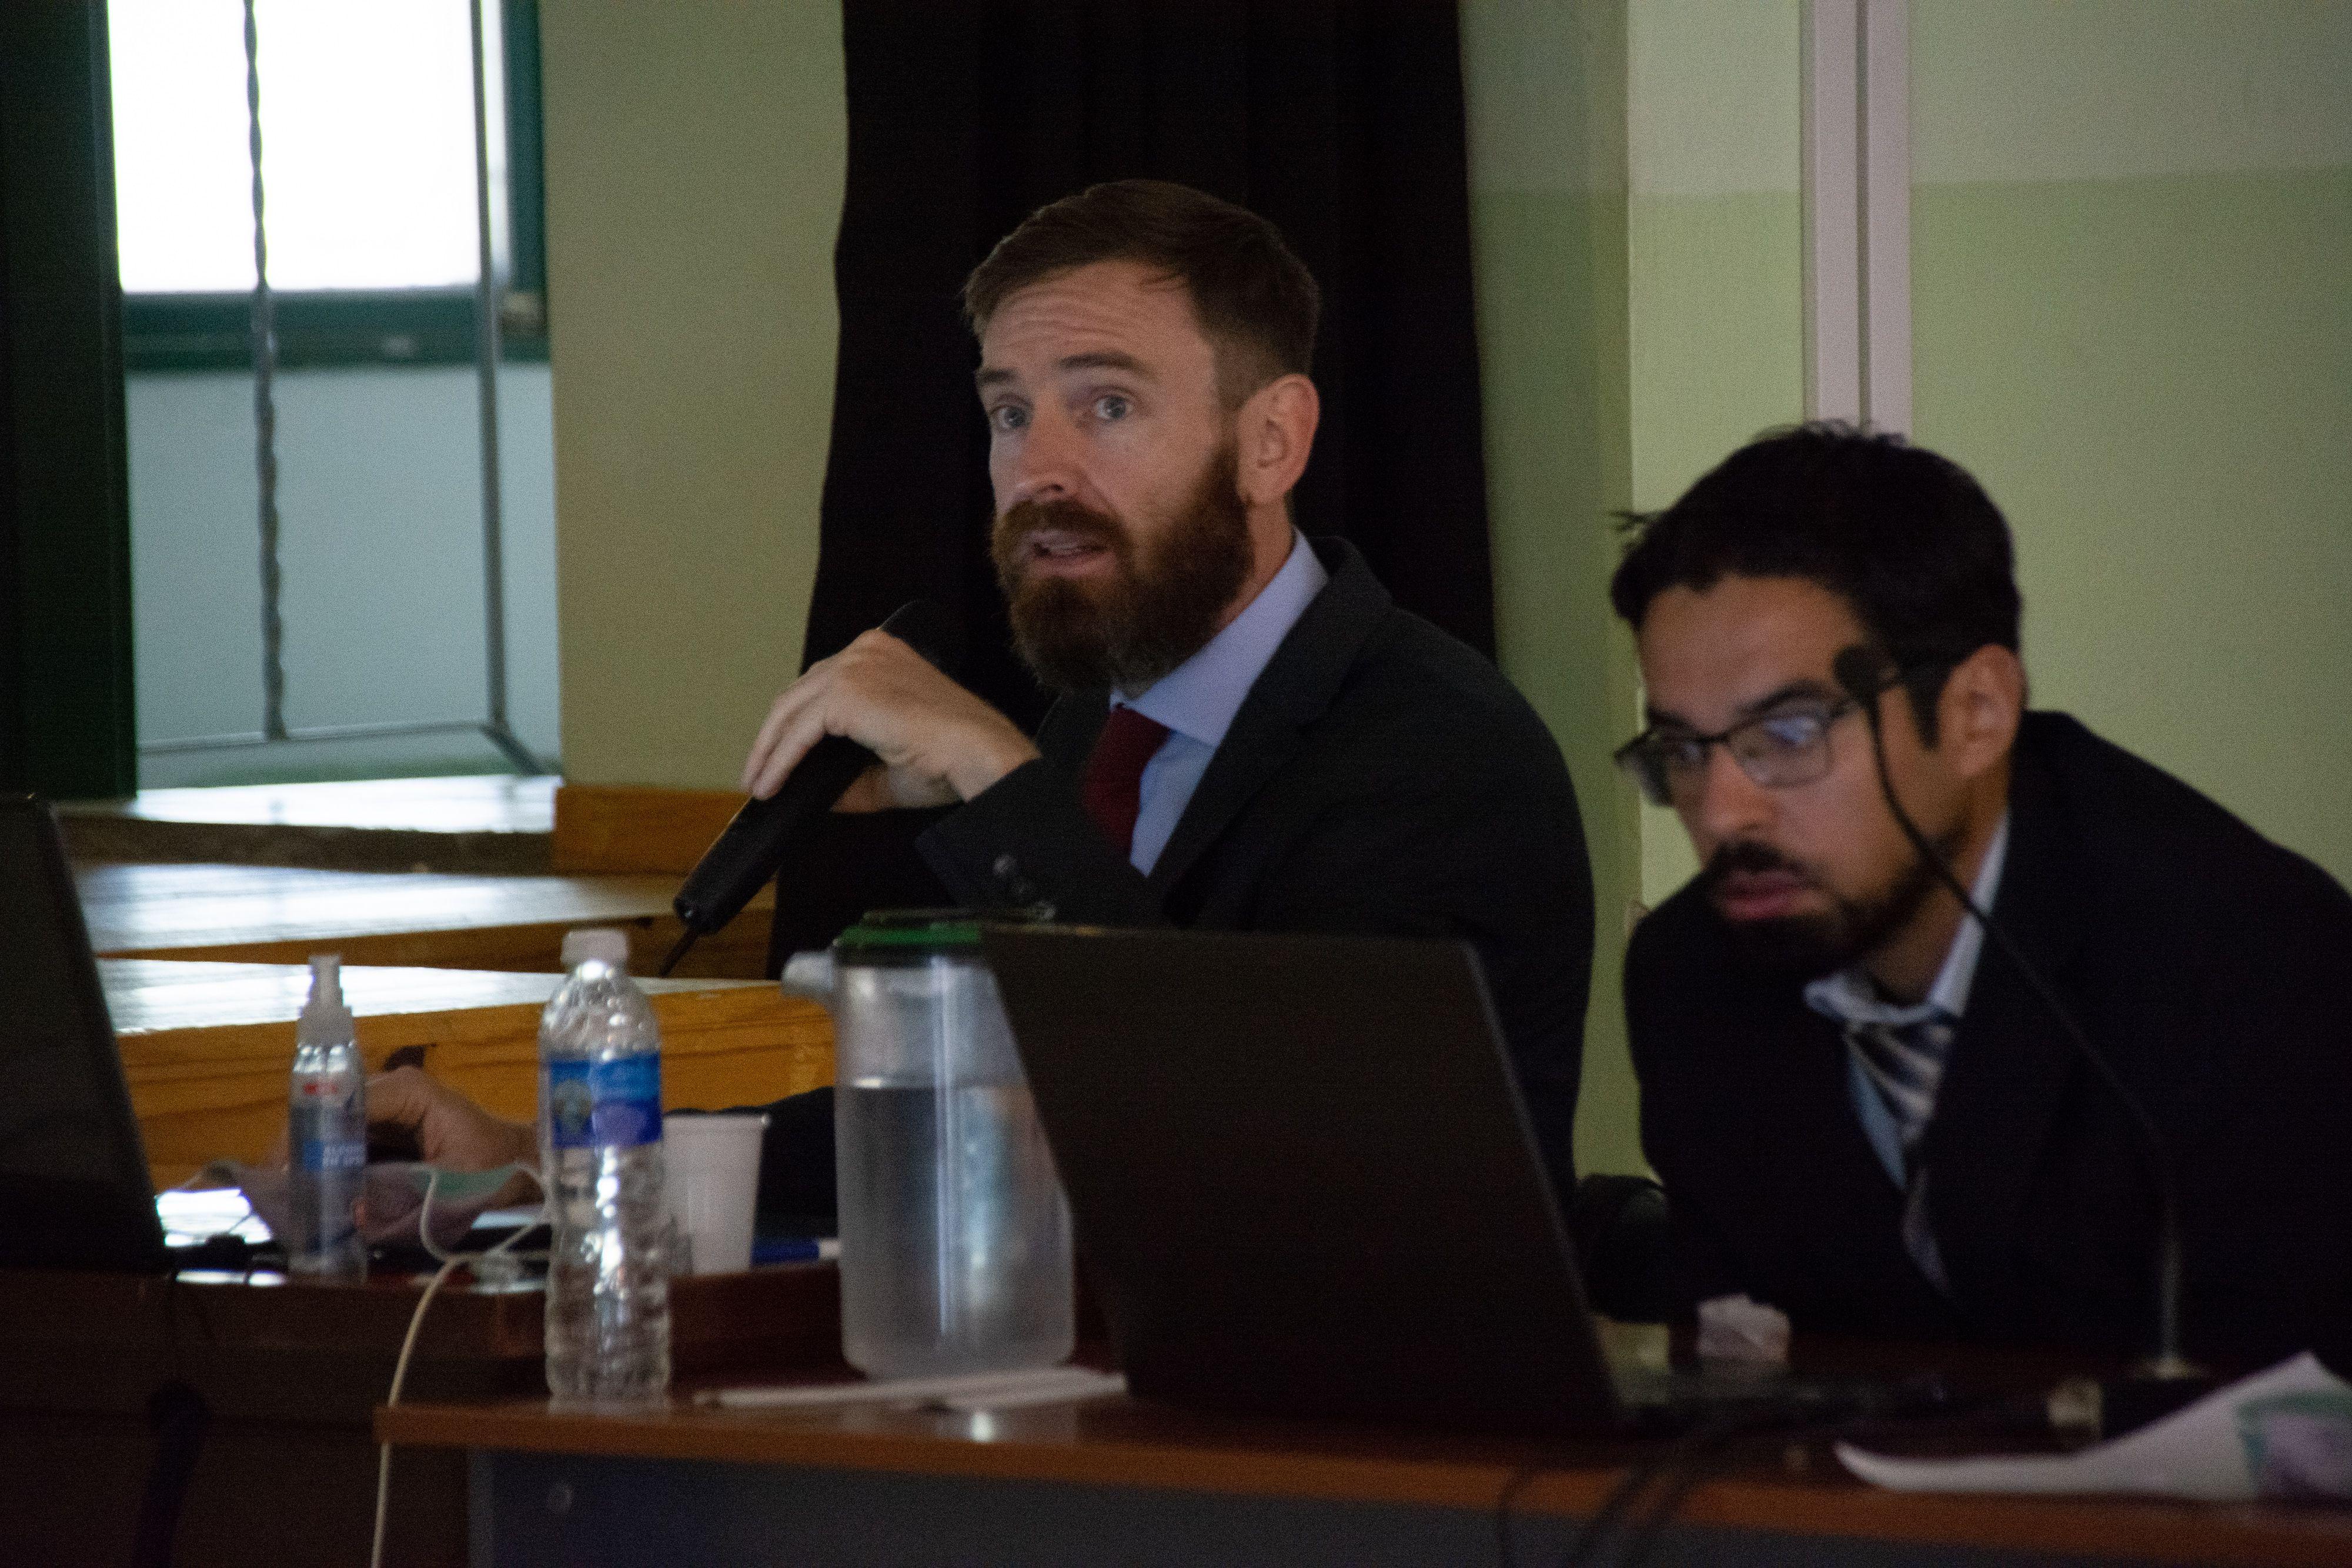 escuelita vii: un alegato que describio el plan represivo en la region